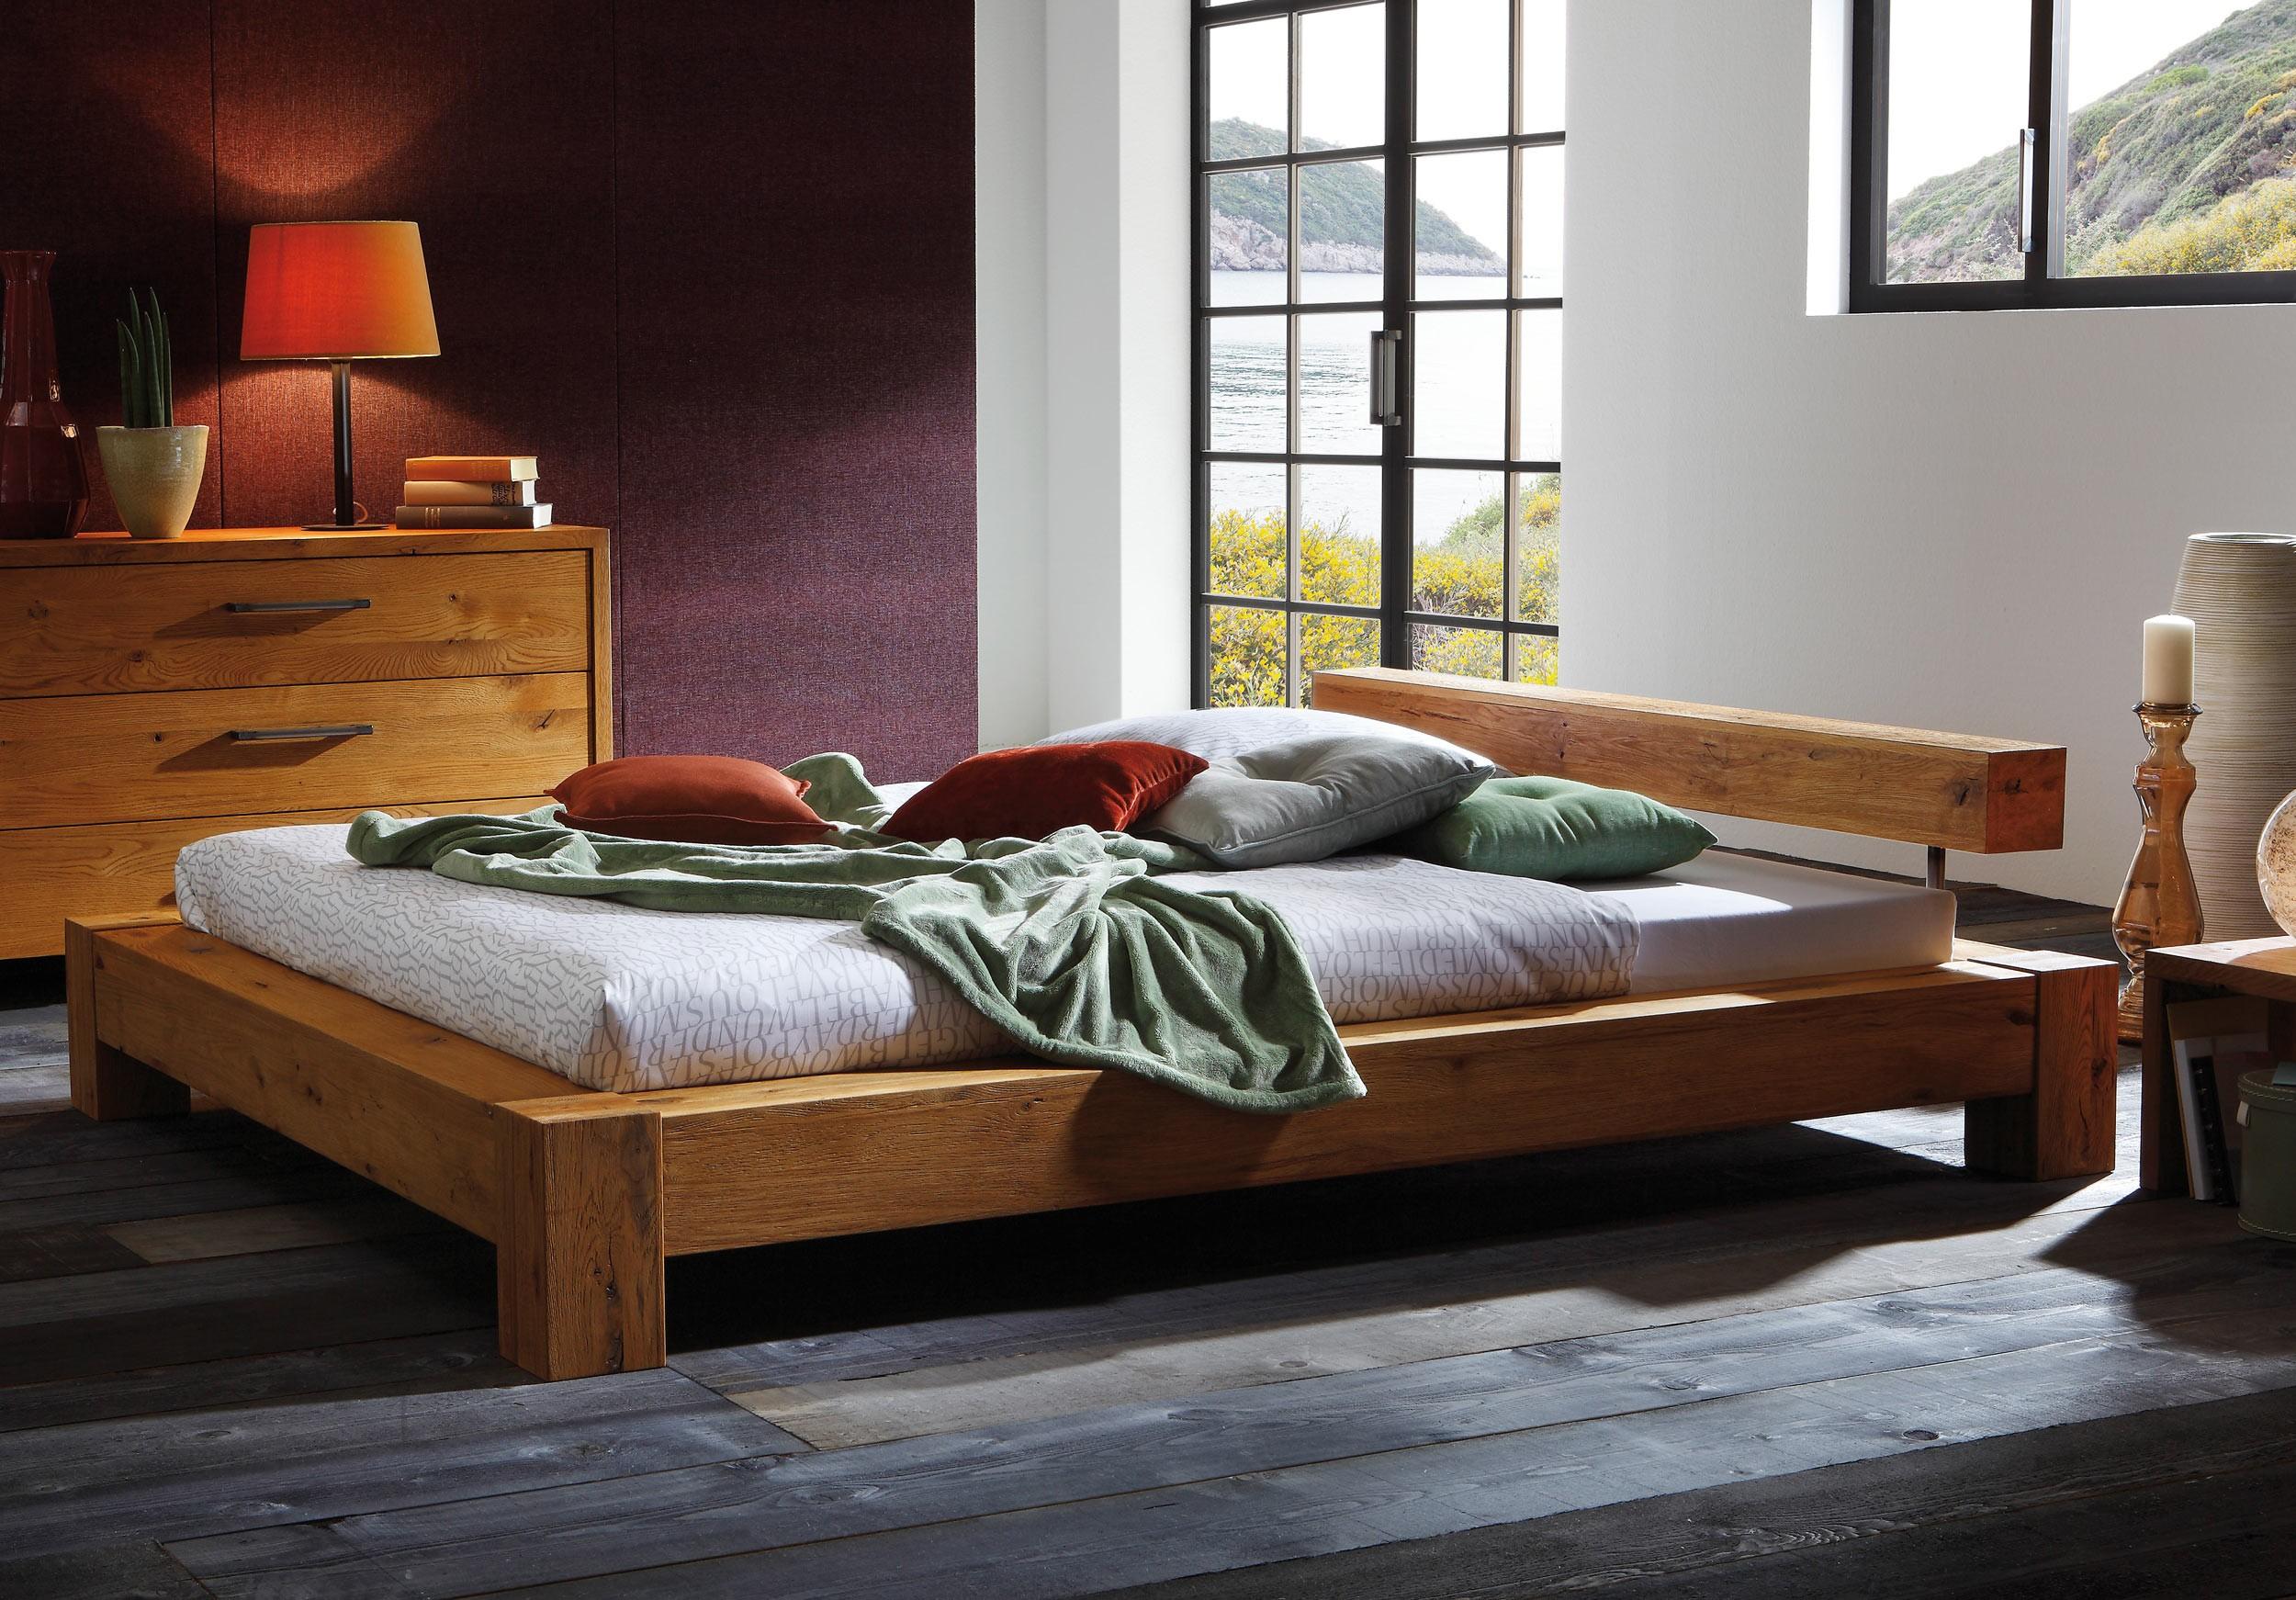 Full Size of Bett 200x220 Neptun Wildeiche Mit Bettkasten 160x200 Kopfteile Für Betten Somnus Kopfteil Weiße Massivholz Kiefer 90x200 200x180 Bonprix Günstig Kaufen Bett Bett 200x220